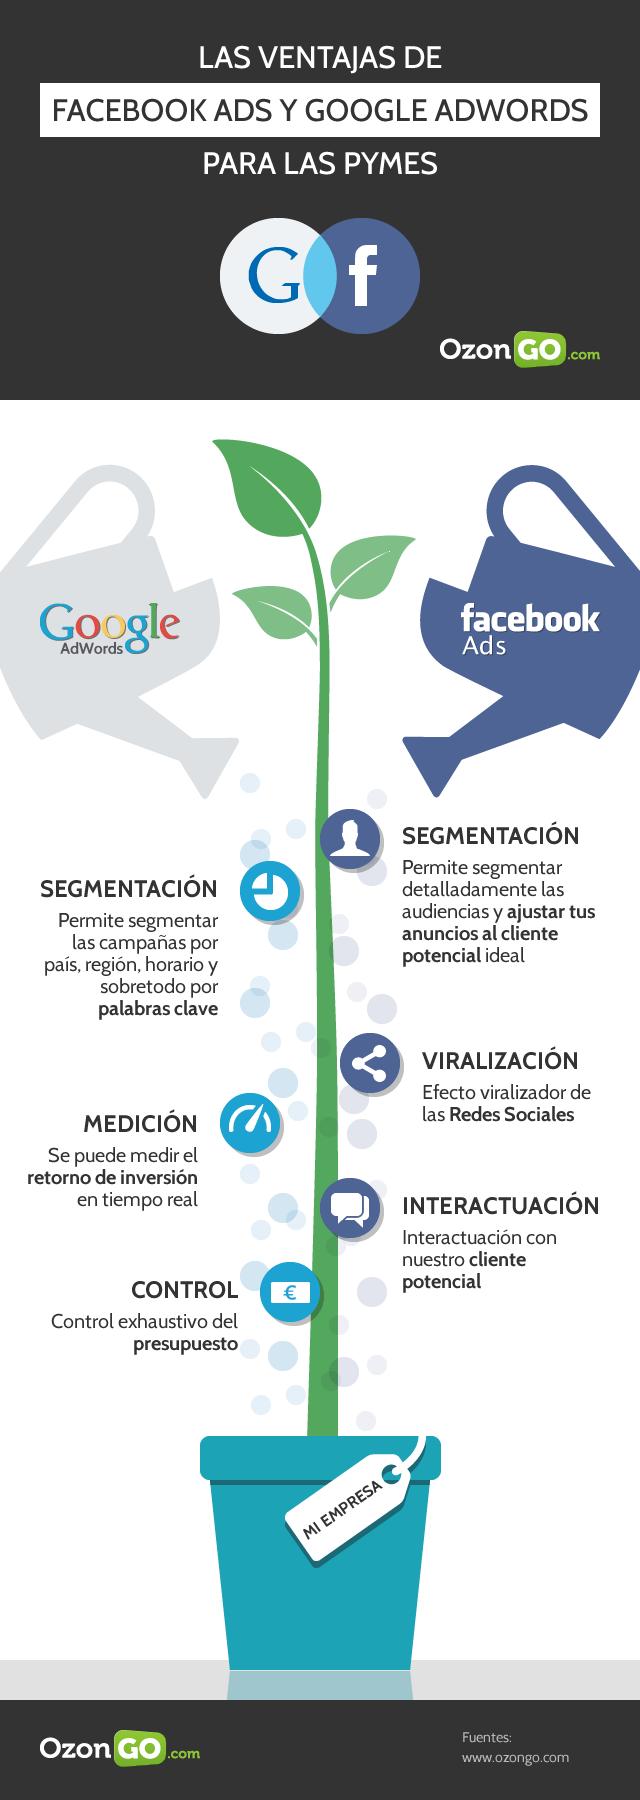 Ventajas de Google Adwords vs Facebook Ads para pymes #infografia